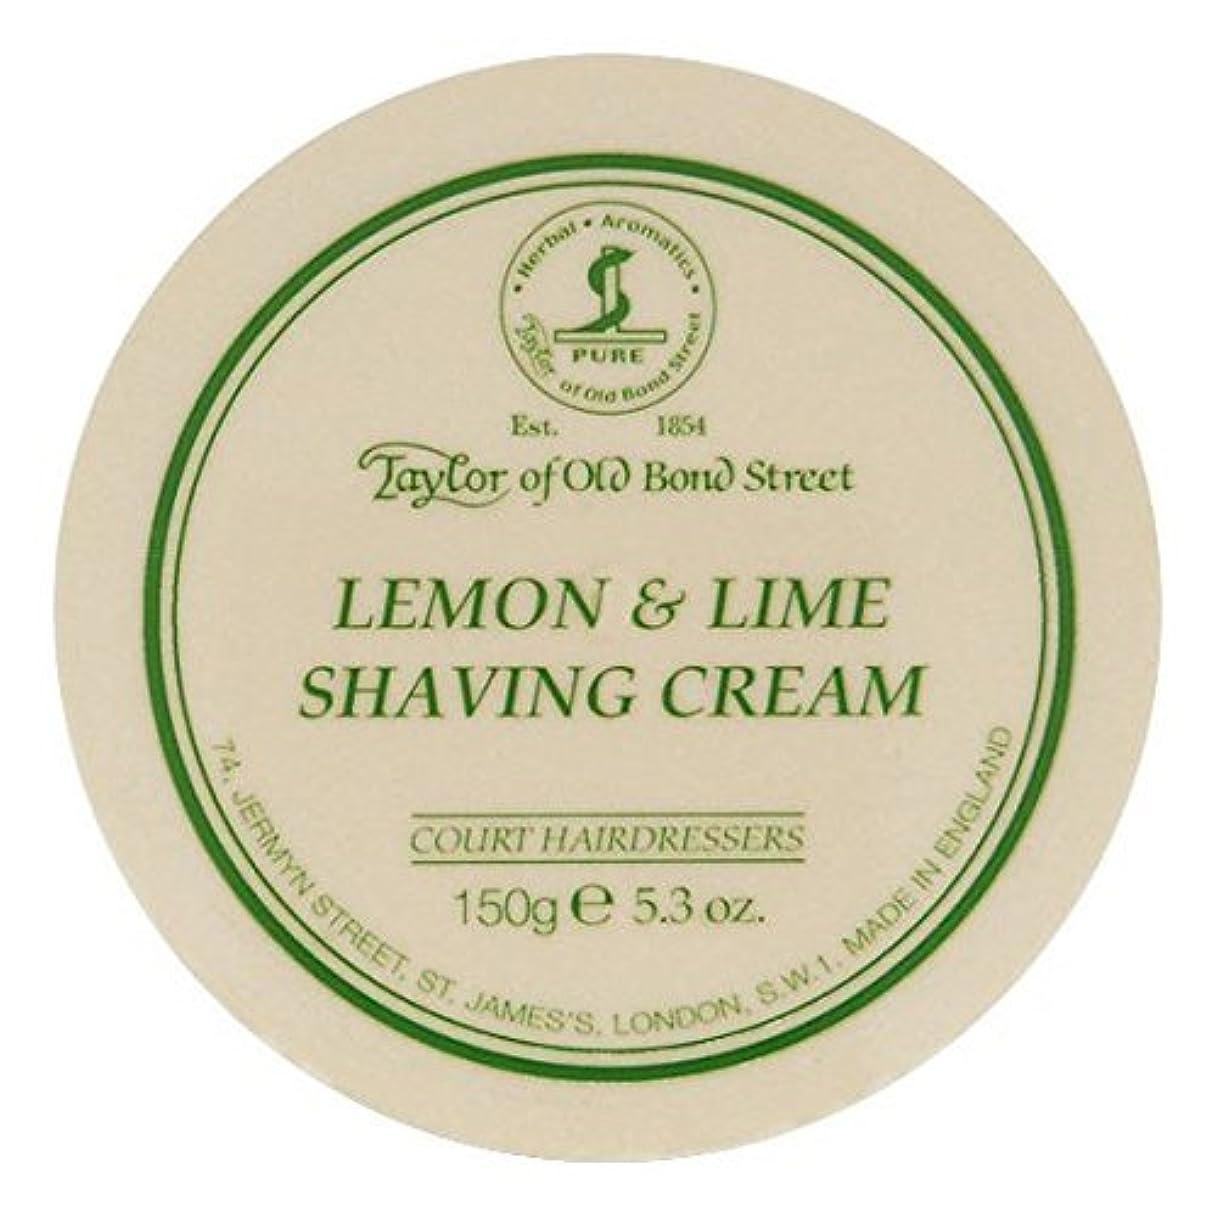 パン屋マットケイ素Taylor of Old Bond Street Lemon & Lime Shaving Cream Bowl Twin Pack by Taylor of Old Bond Street [並行輸入品]